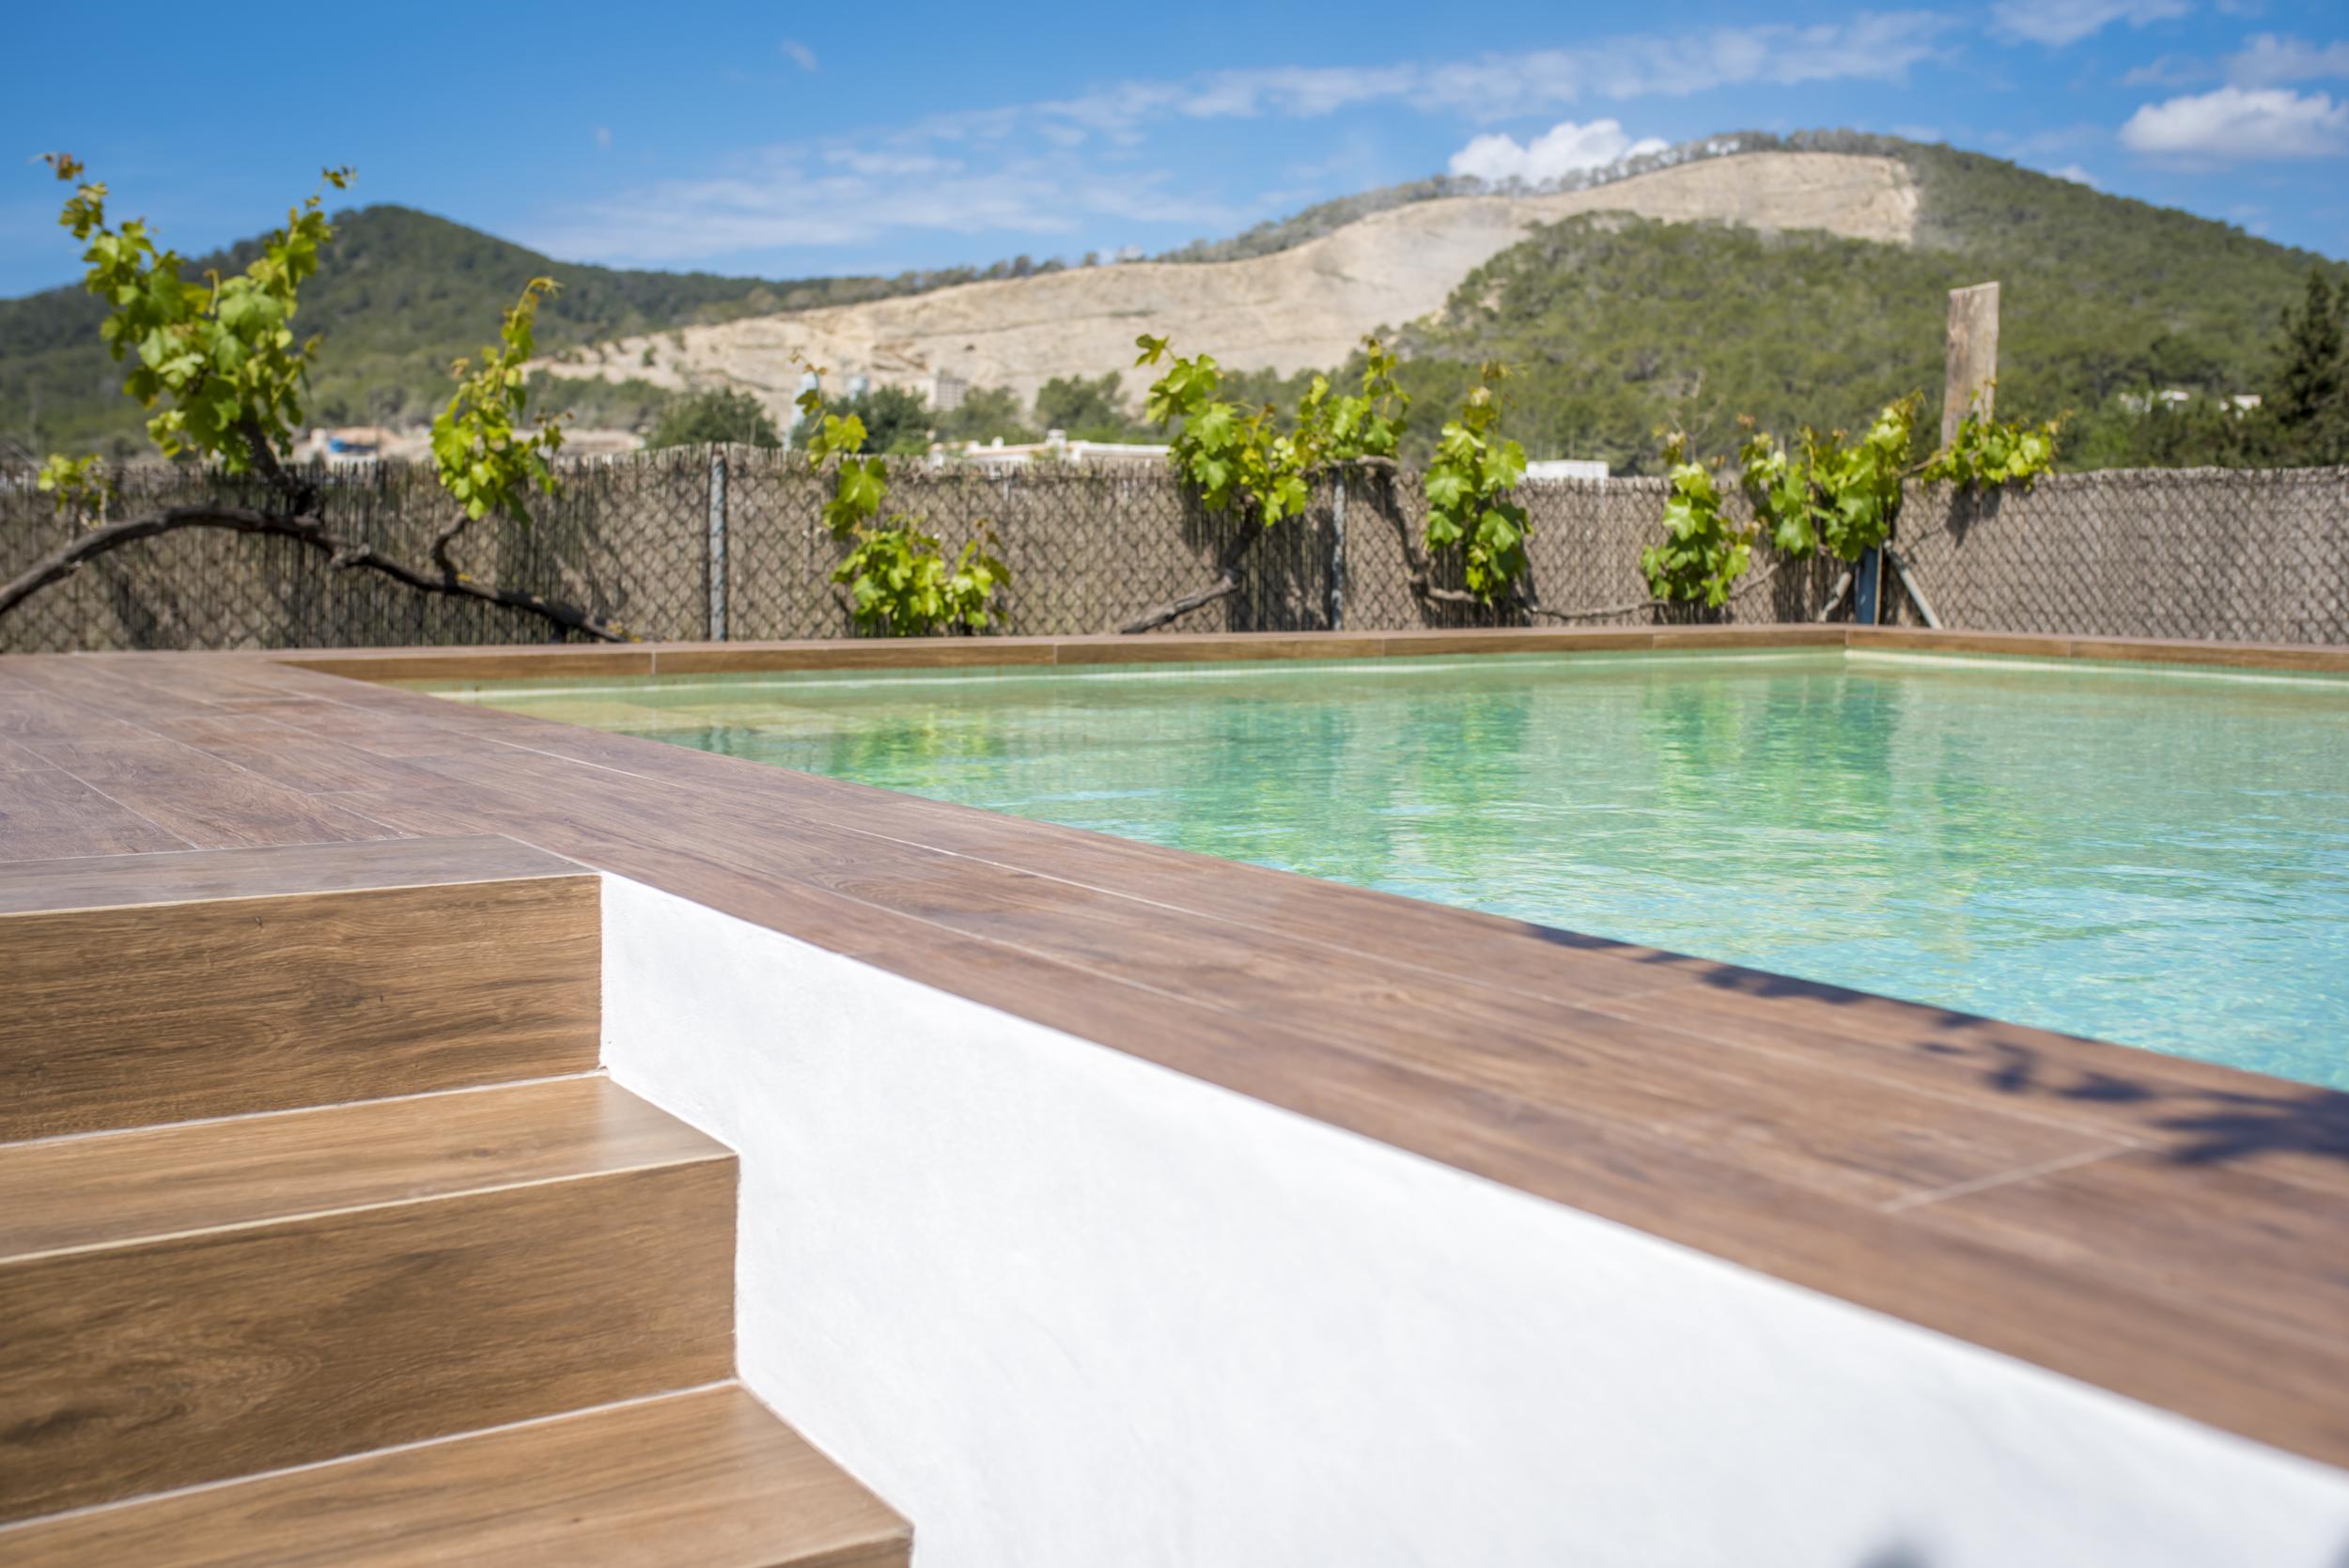 Villa a 5km de playa Salinas, con piscina, Wi-Fi y jardin photo 18547196